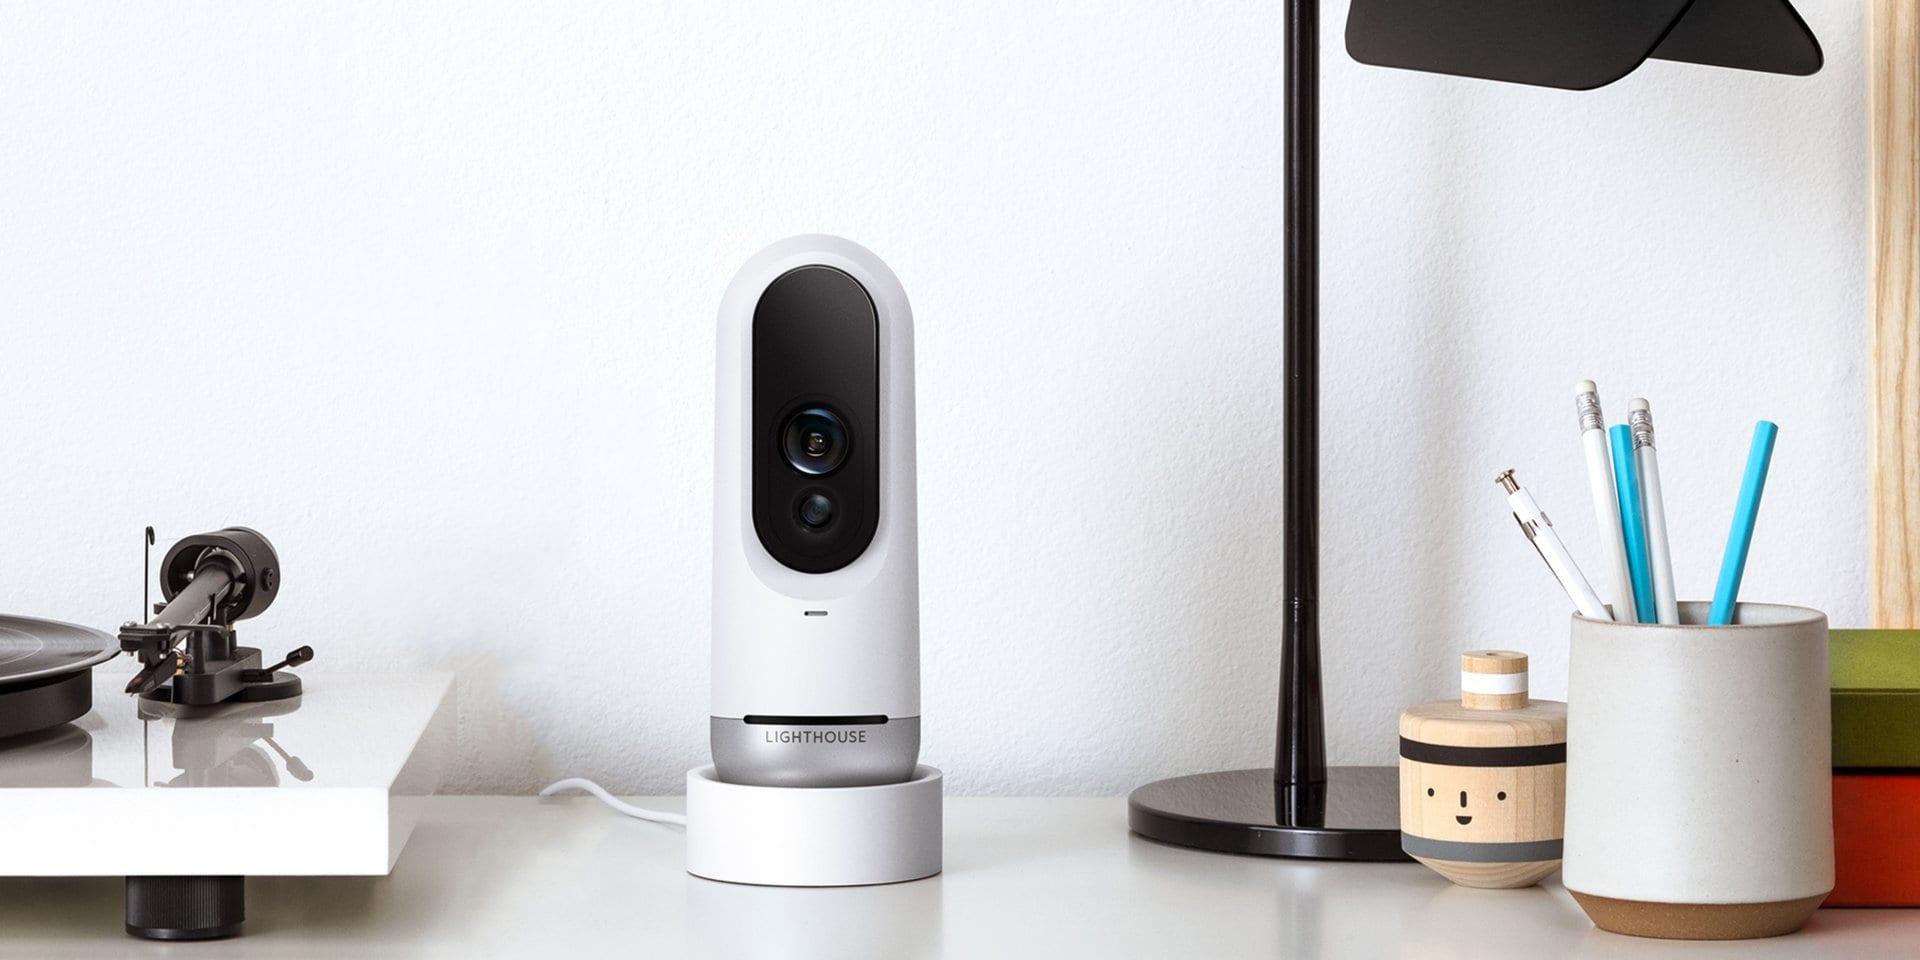 Najlepší technologický produkt roka  Táto bezpečnostná kamera rozpozná  tváre a upozorní ťa ce2321b35aa